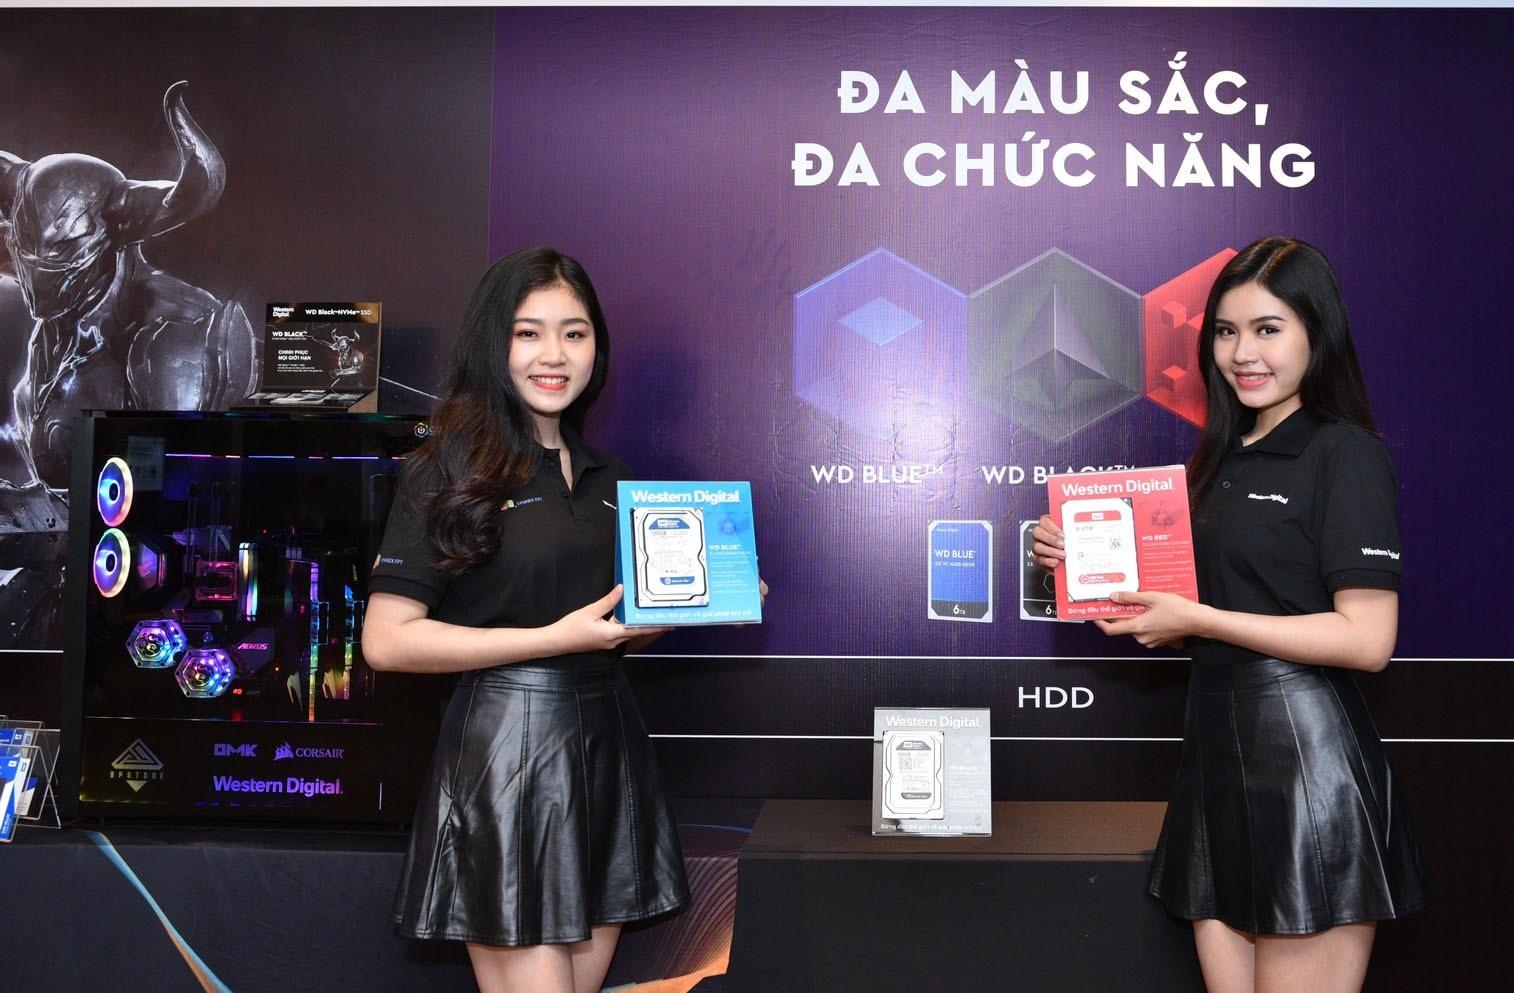 WD giới thiệu loạt nền tảng lưu trữ cao cấp mới tại Việt Nam - Ảnh 1.